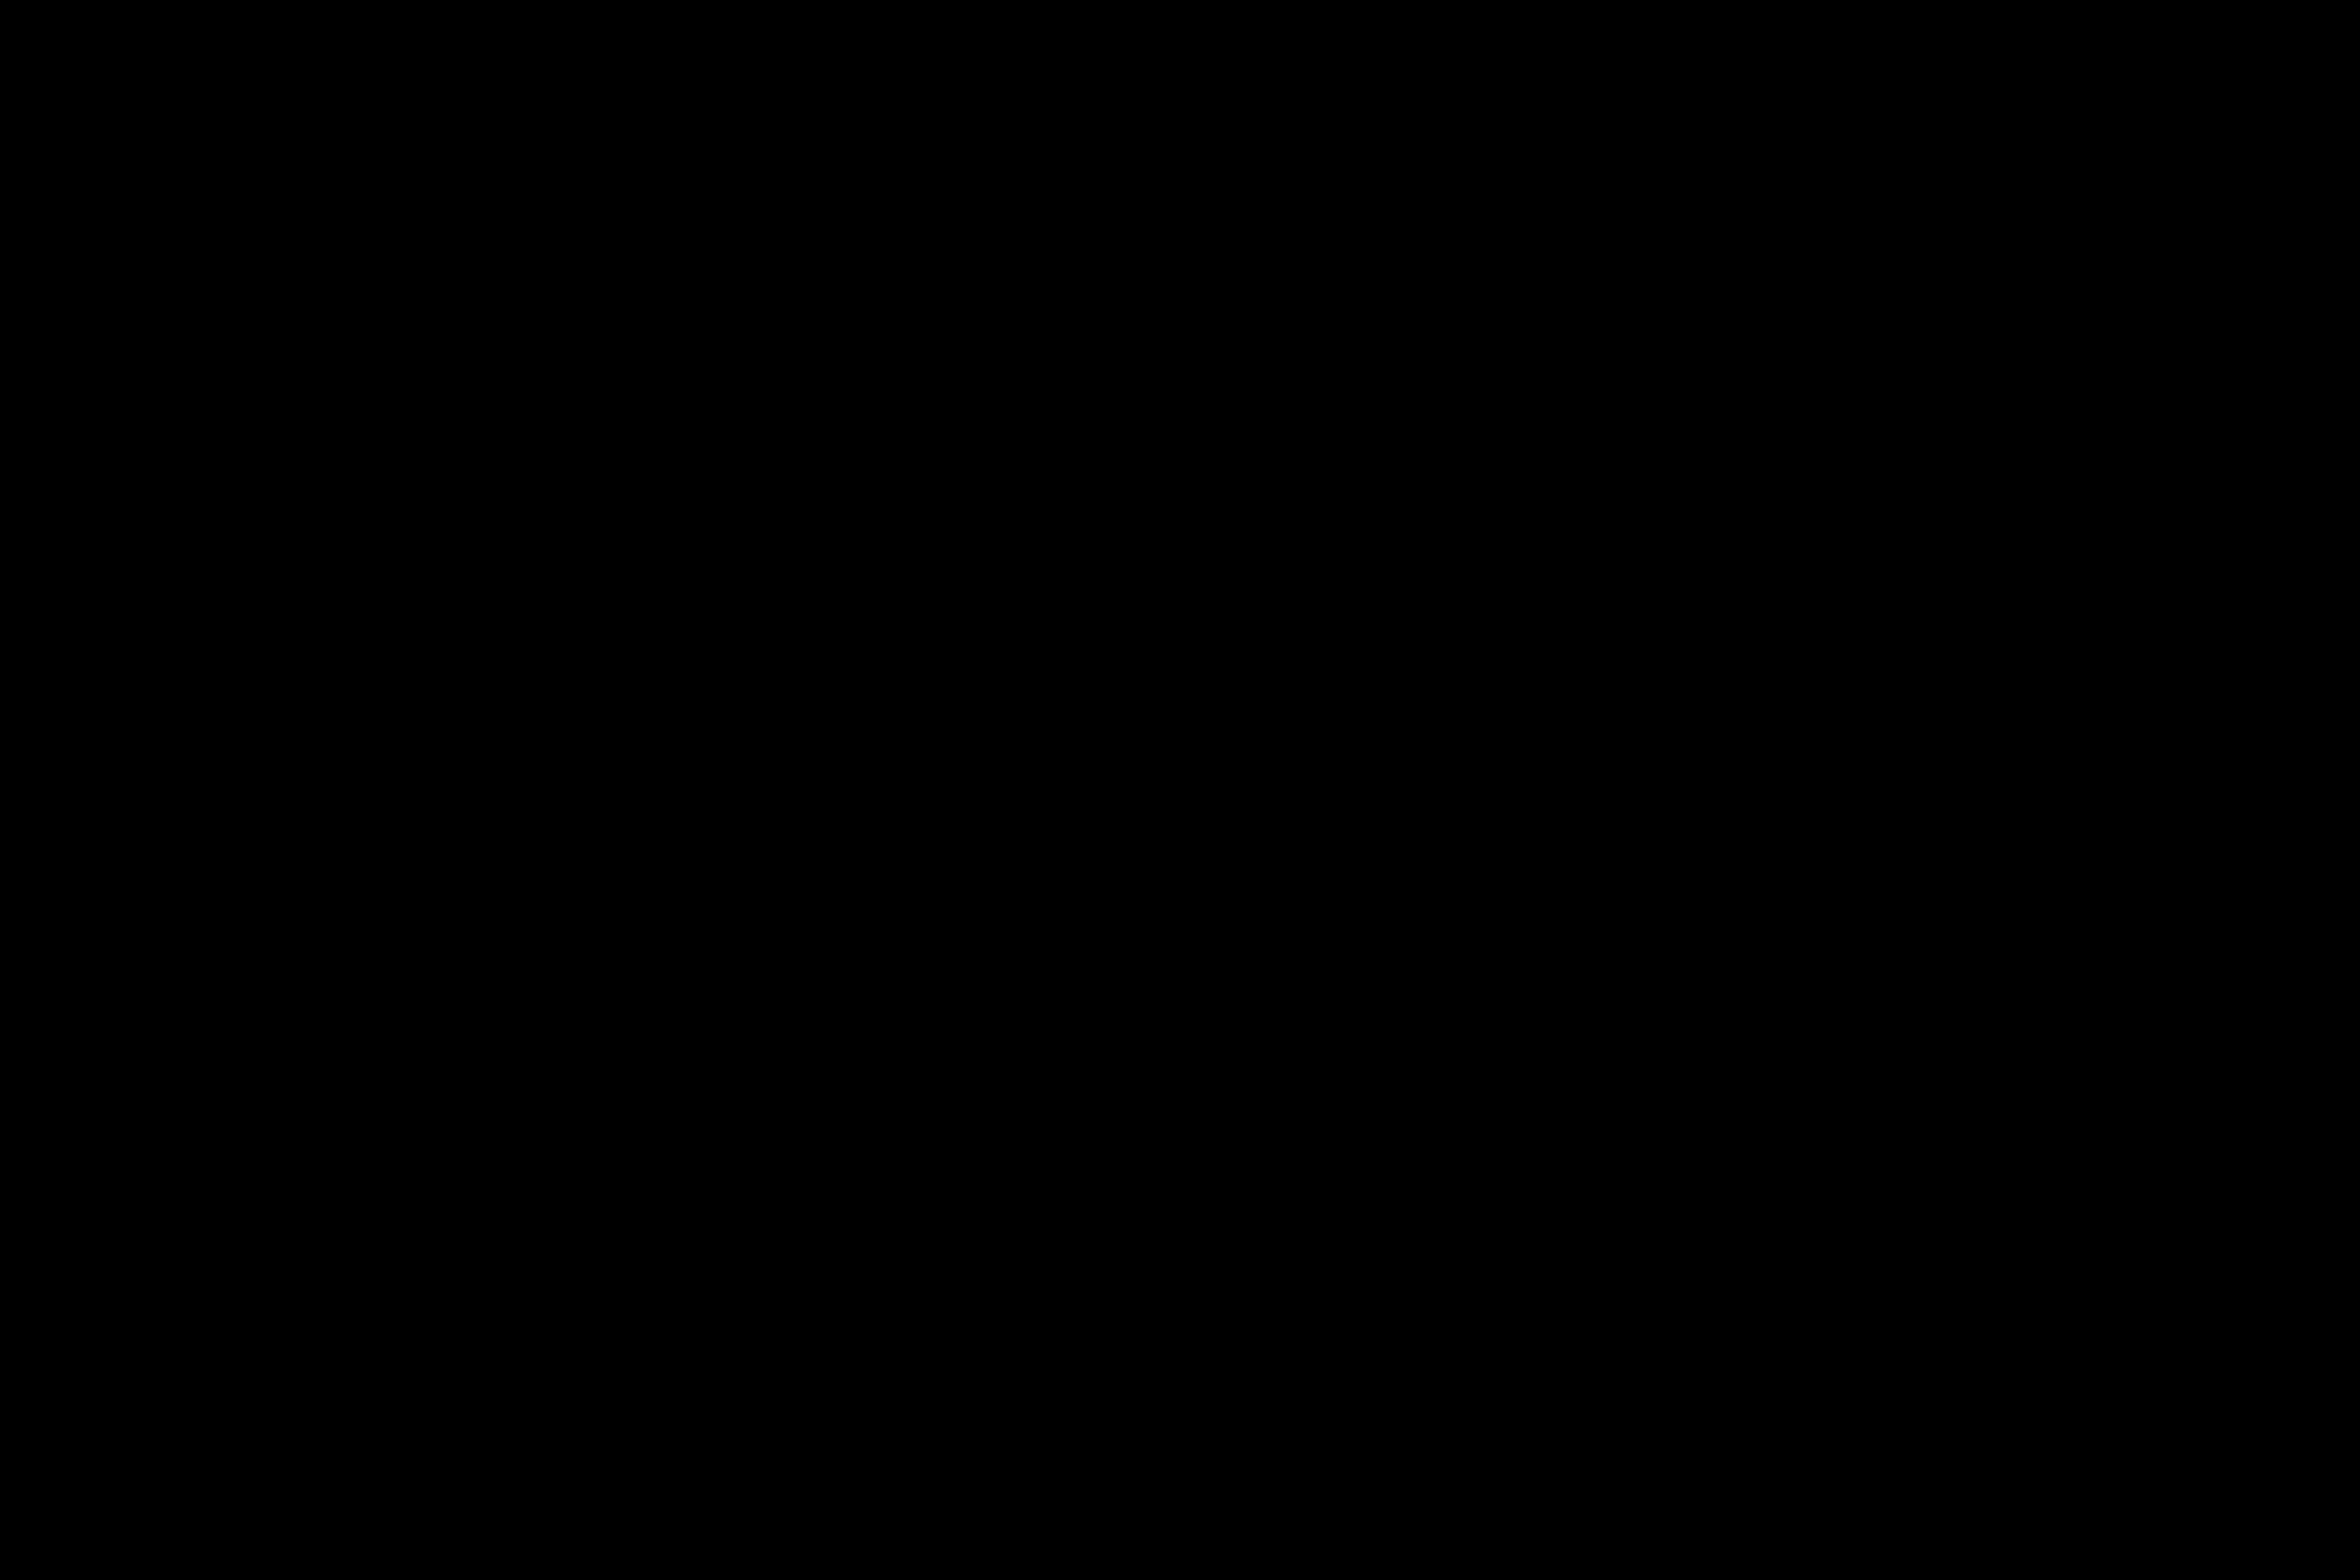 Kristall eines roten Rubins